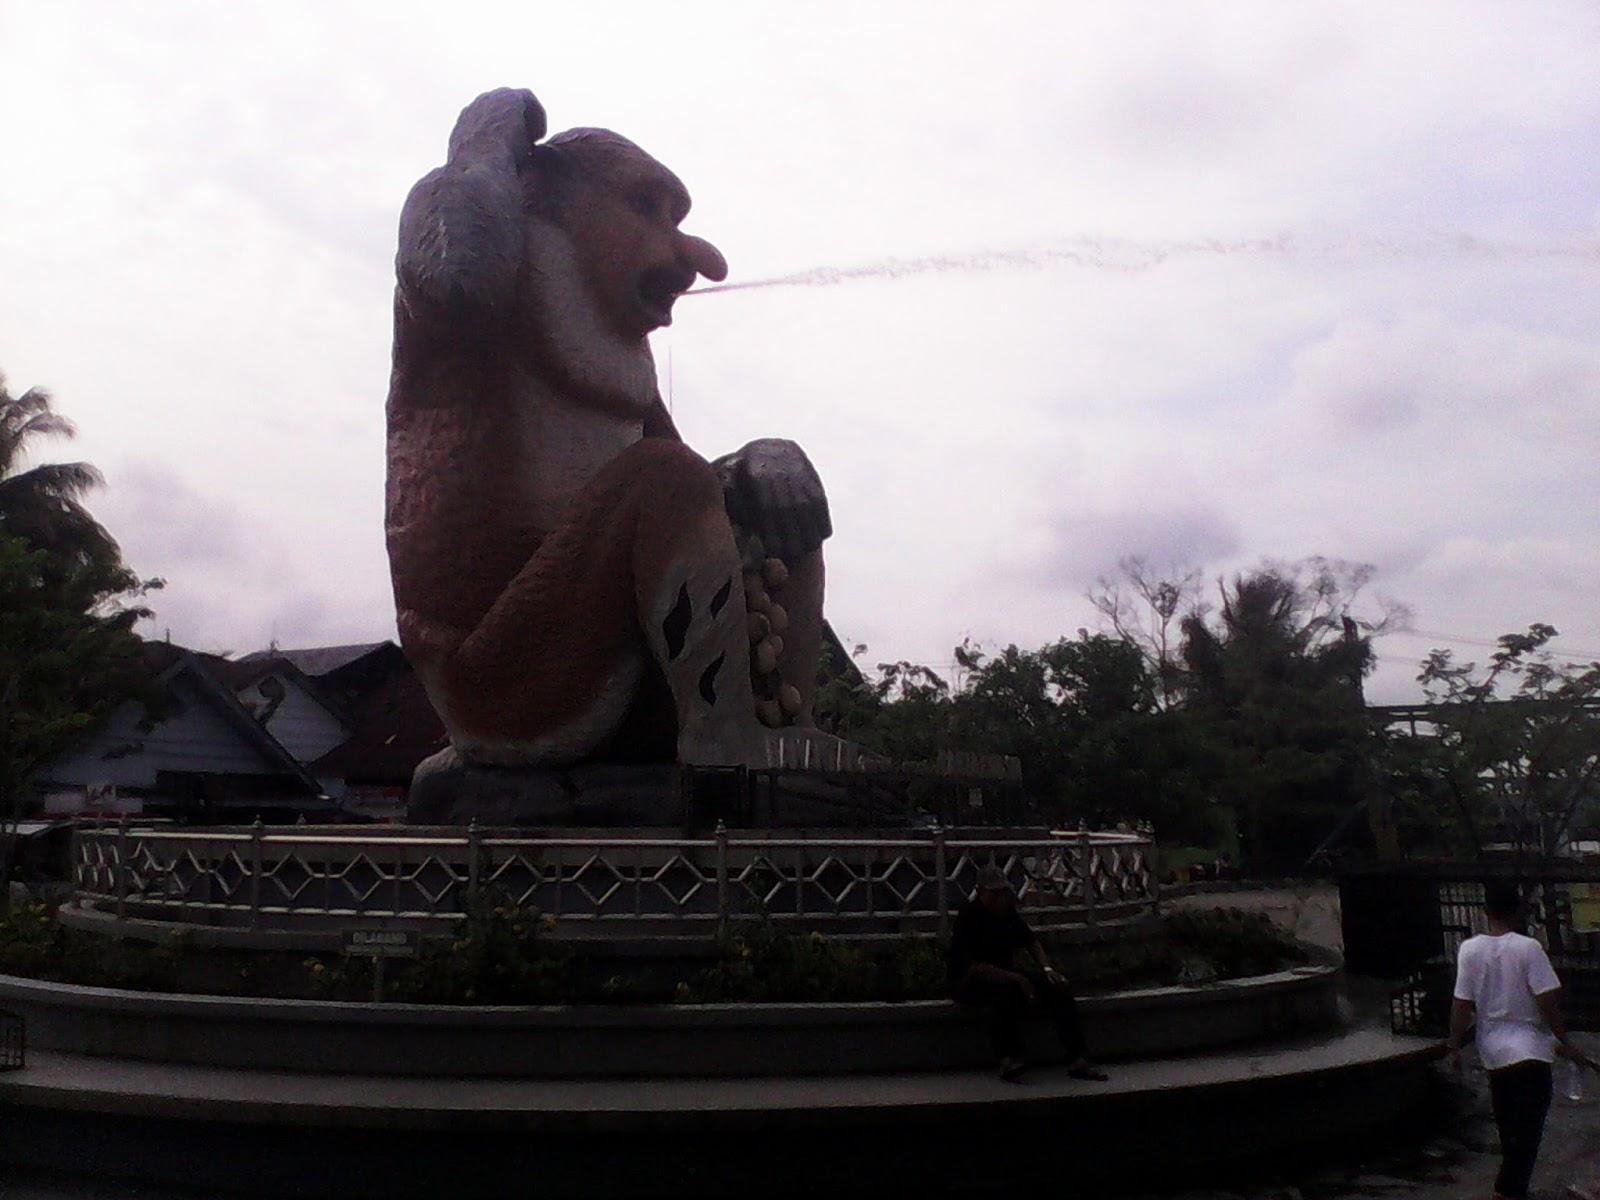 Akhmad Husaini Taman Maskot Bekantan Kota Banjarmasin Rabu 12 April